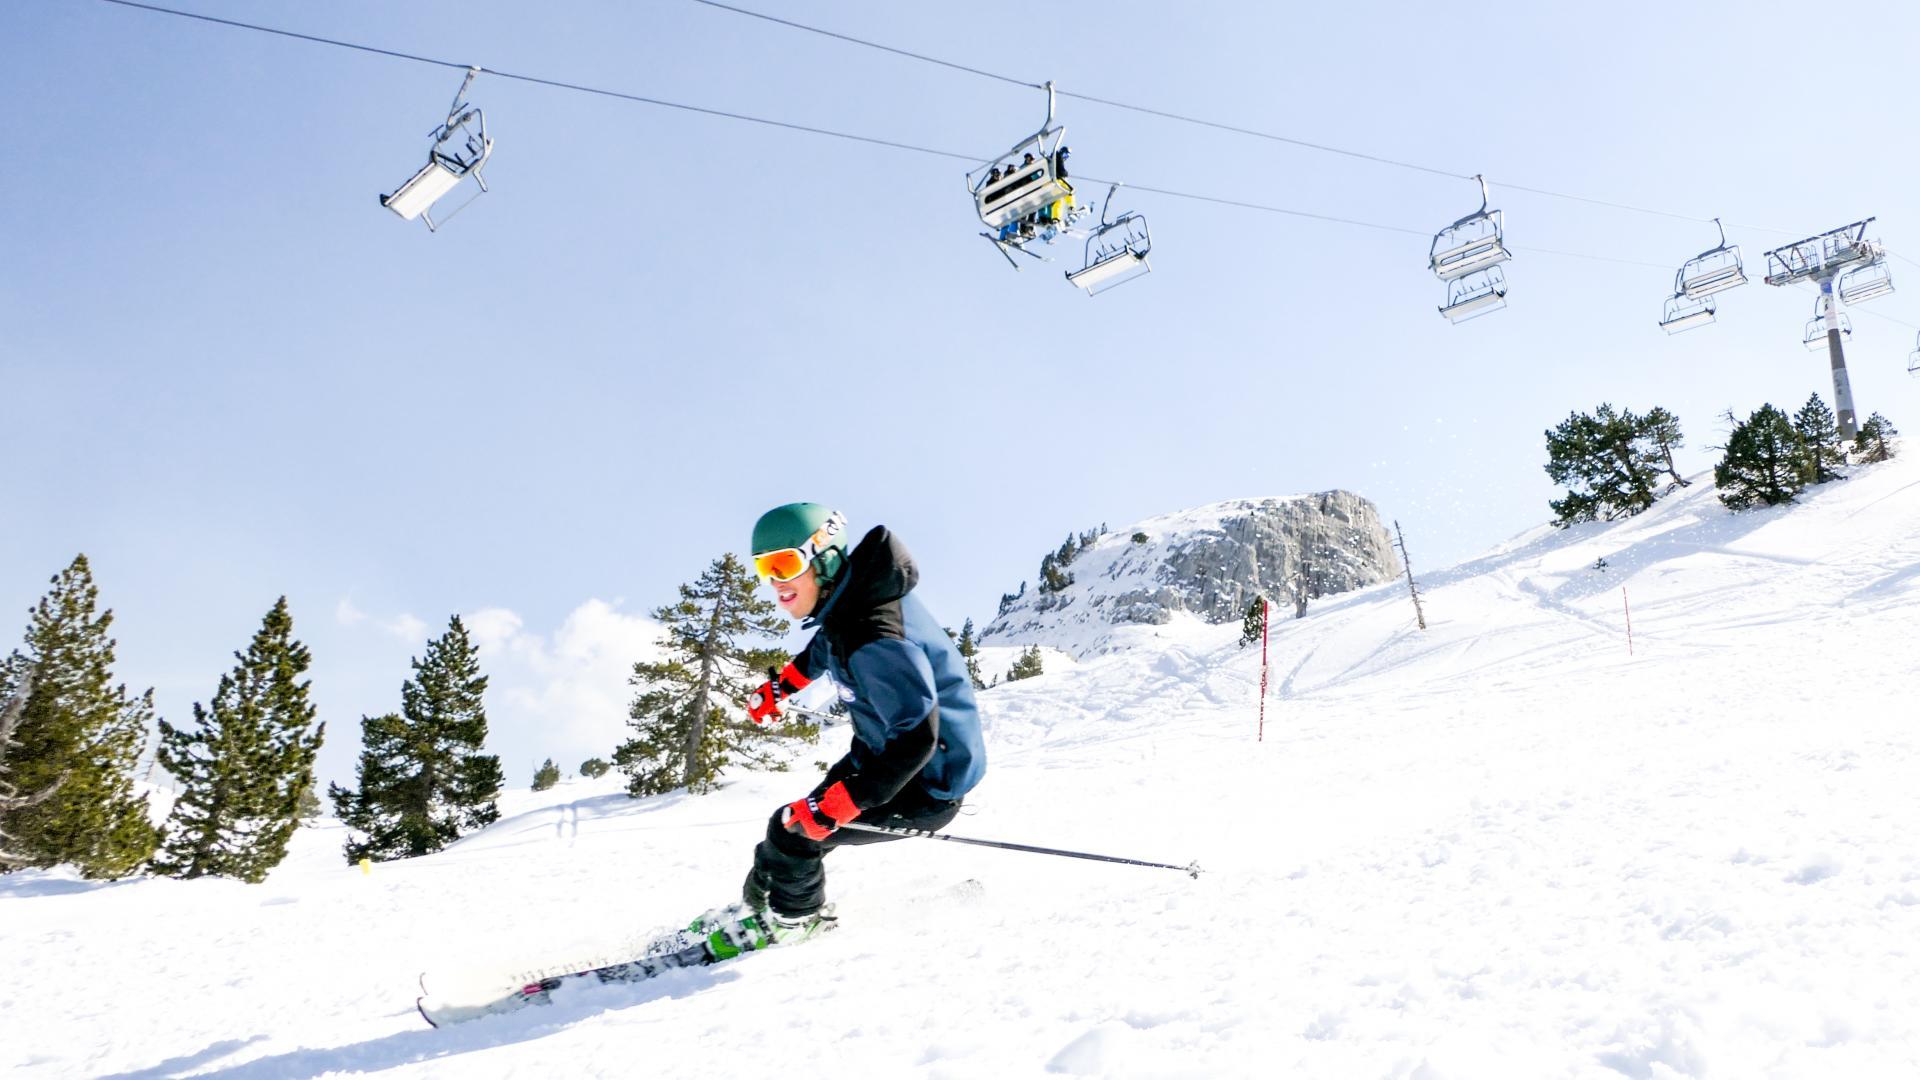 Skieur en descente sous les télésièges à la station de la Pierre Saint-Martin, Pyrénées Béarnaises (neige)